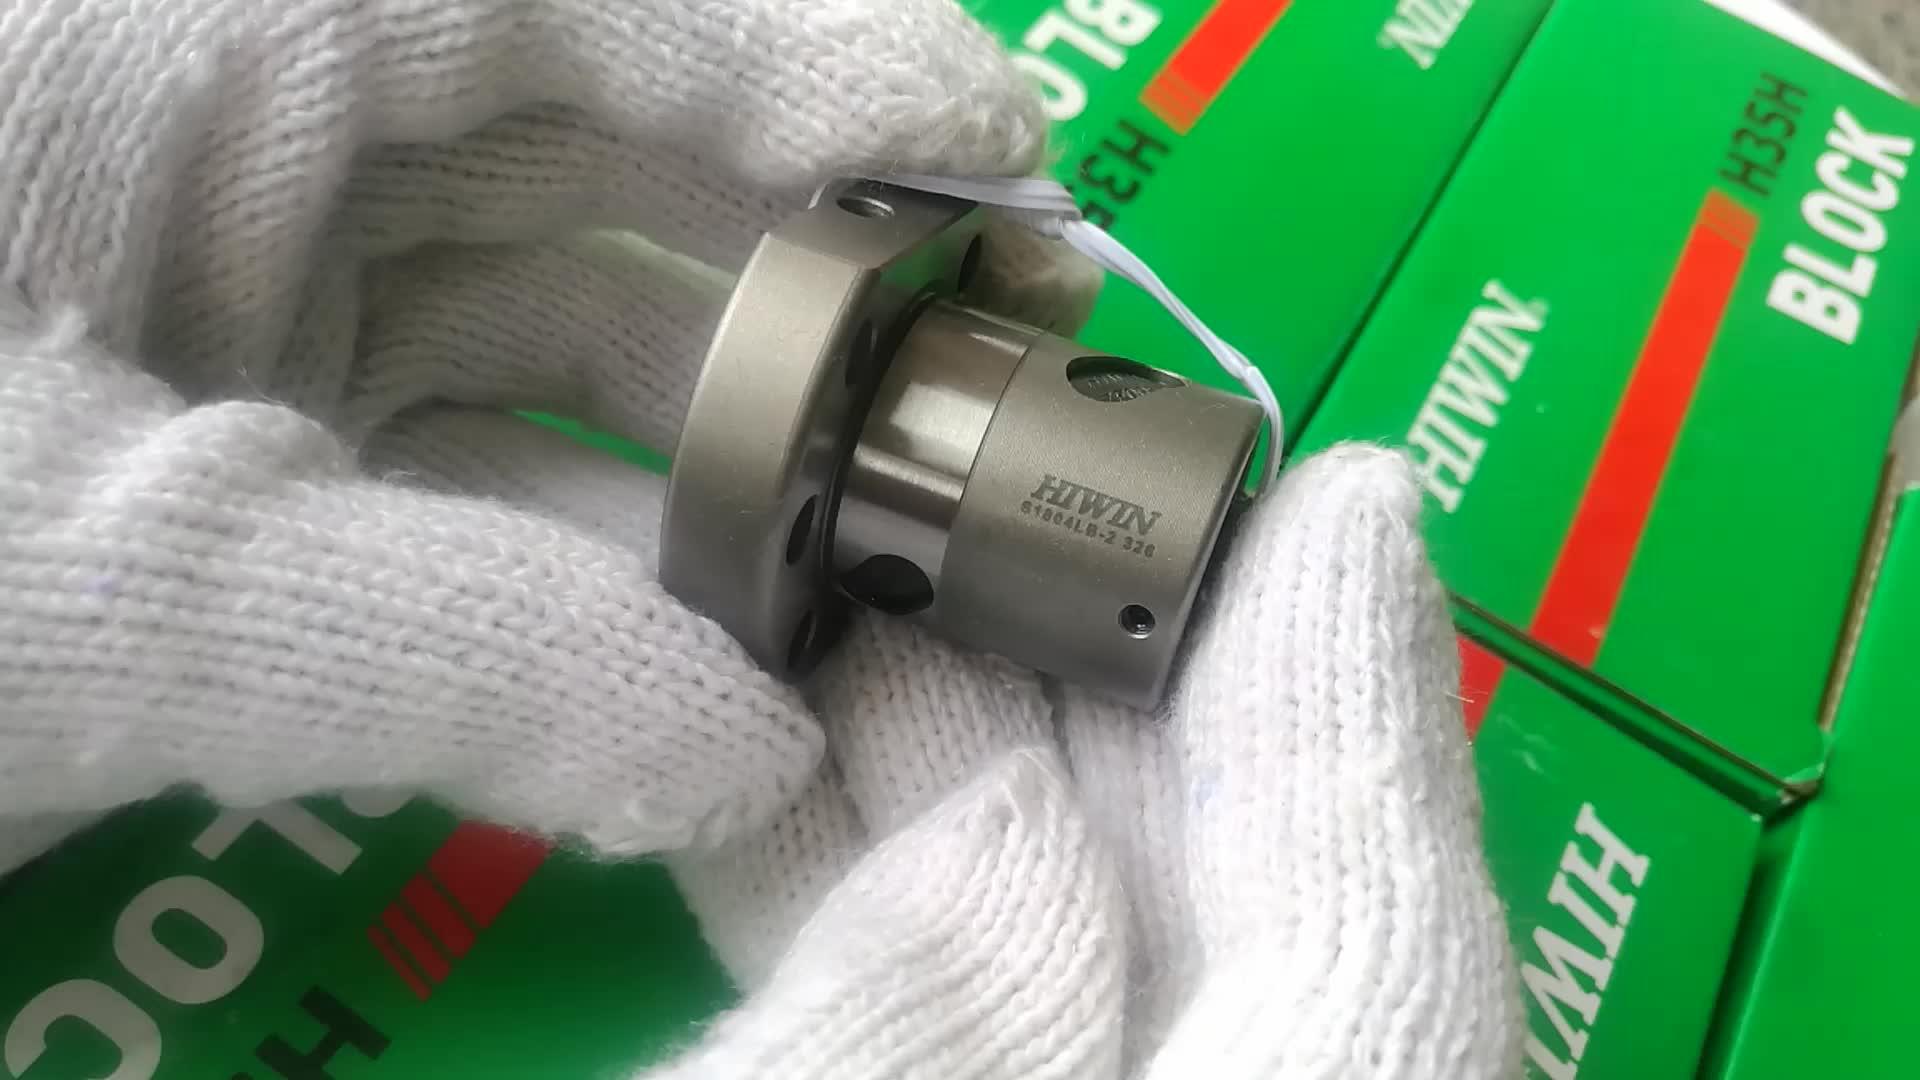 저렴한 가격 대만 HIWIN 볼 스크류 3D CNC 라우터 기계 볼 스크류